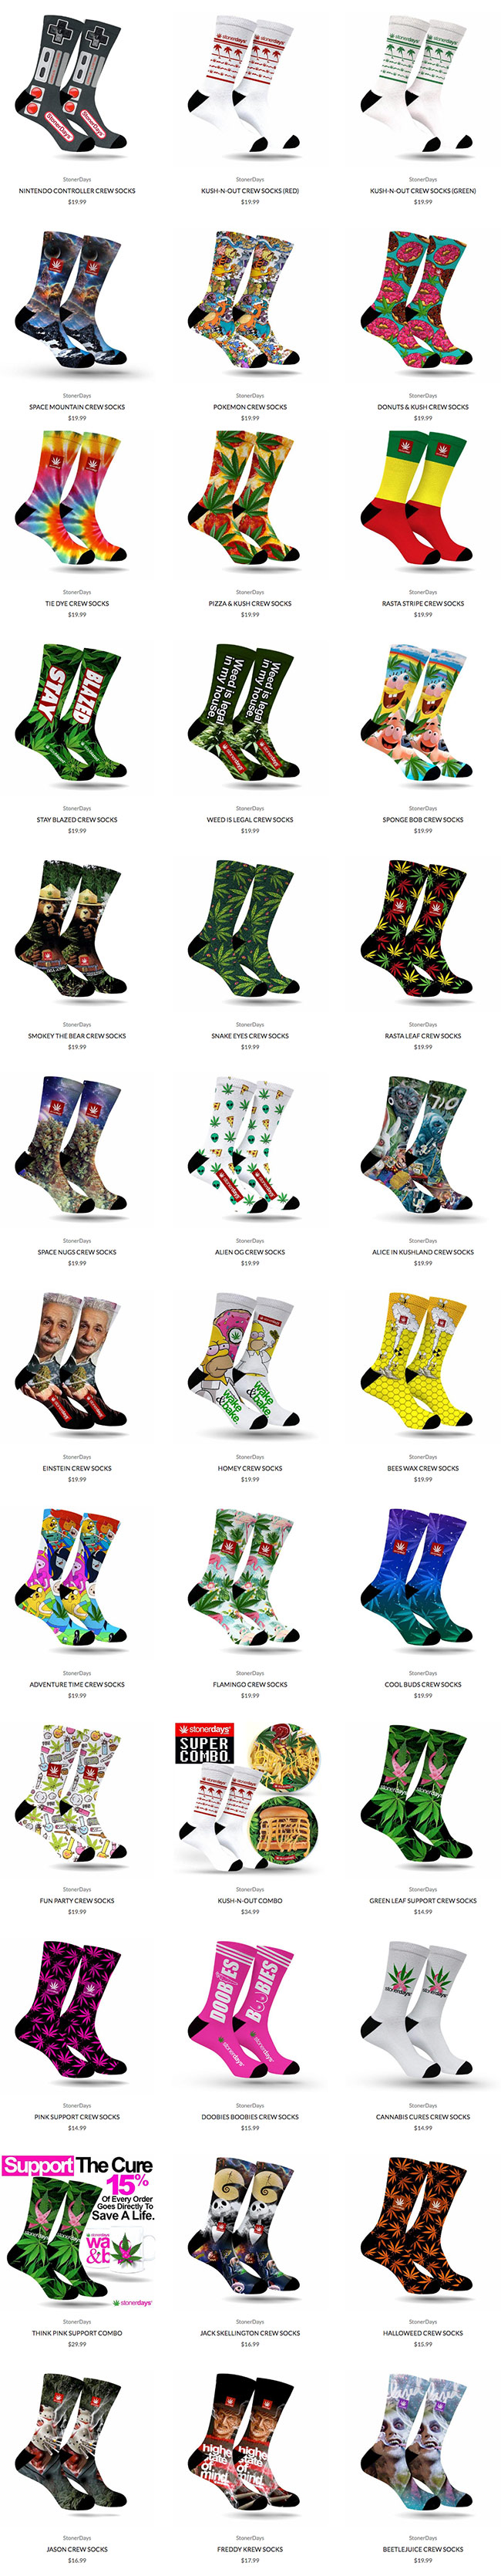 stoner-socks